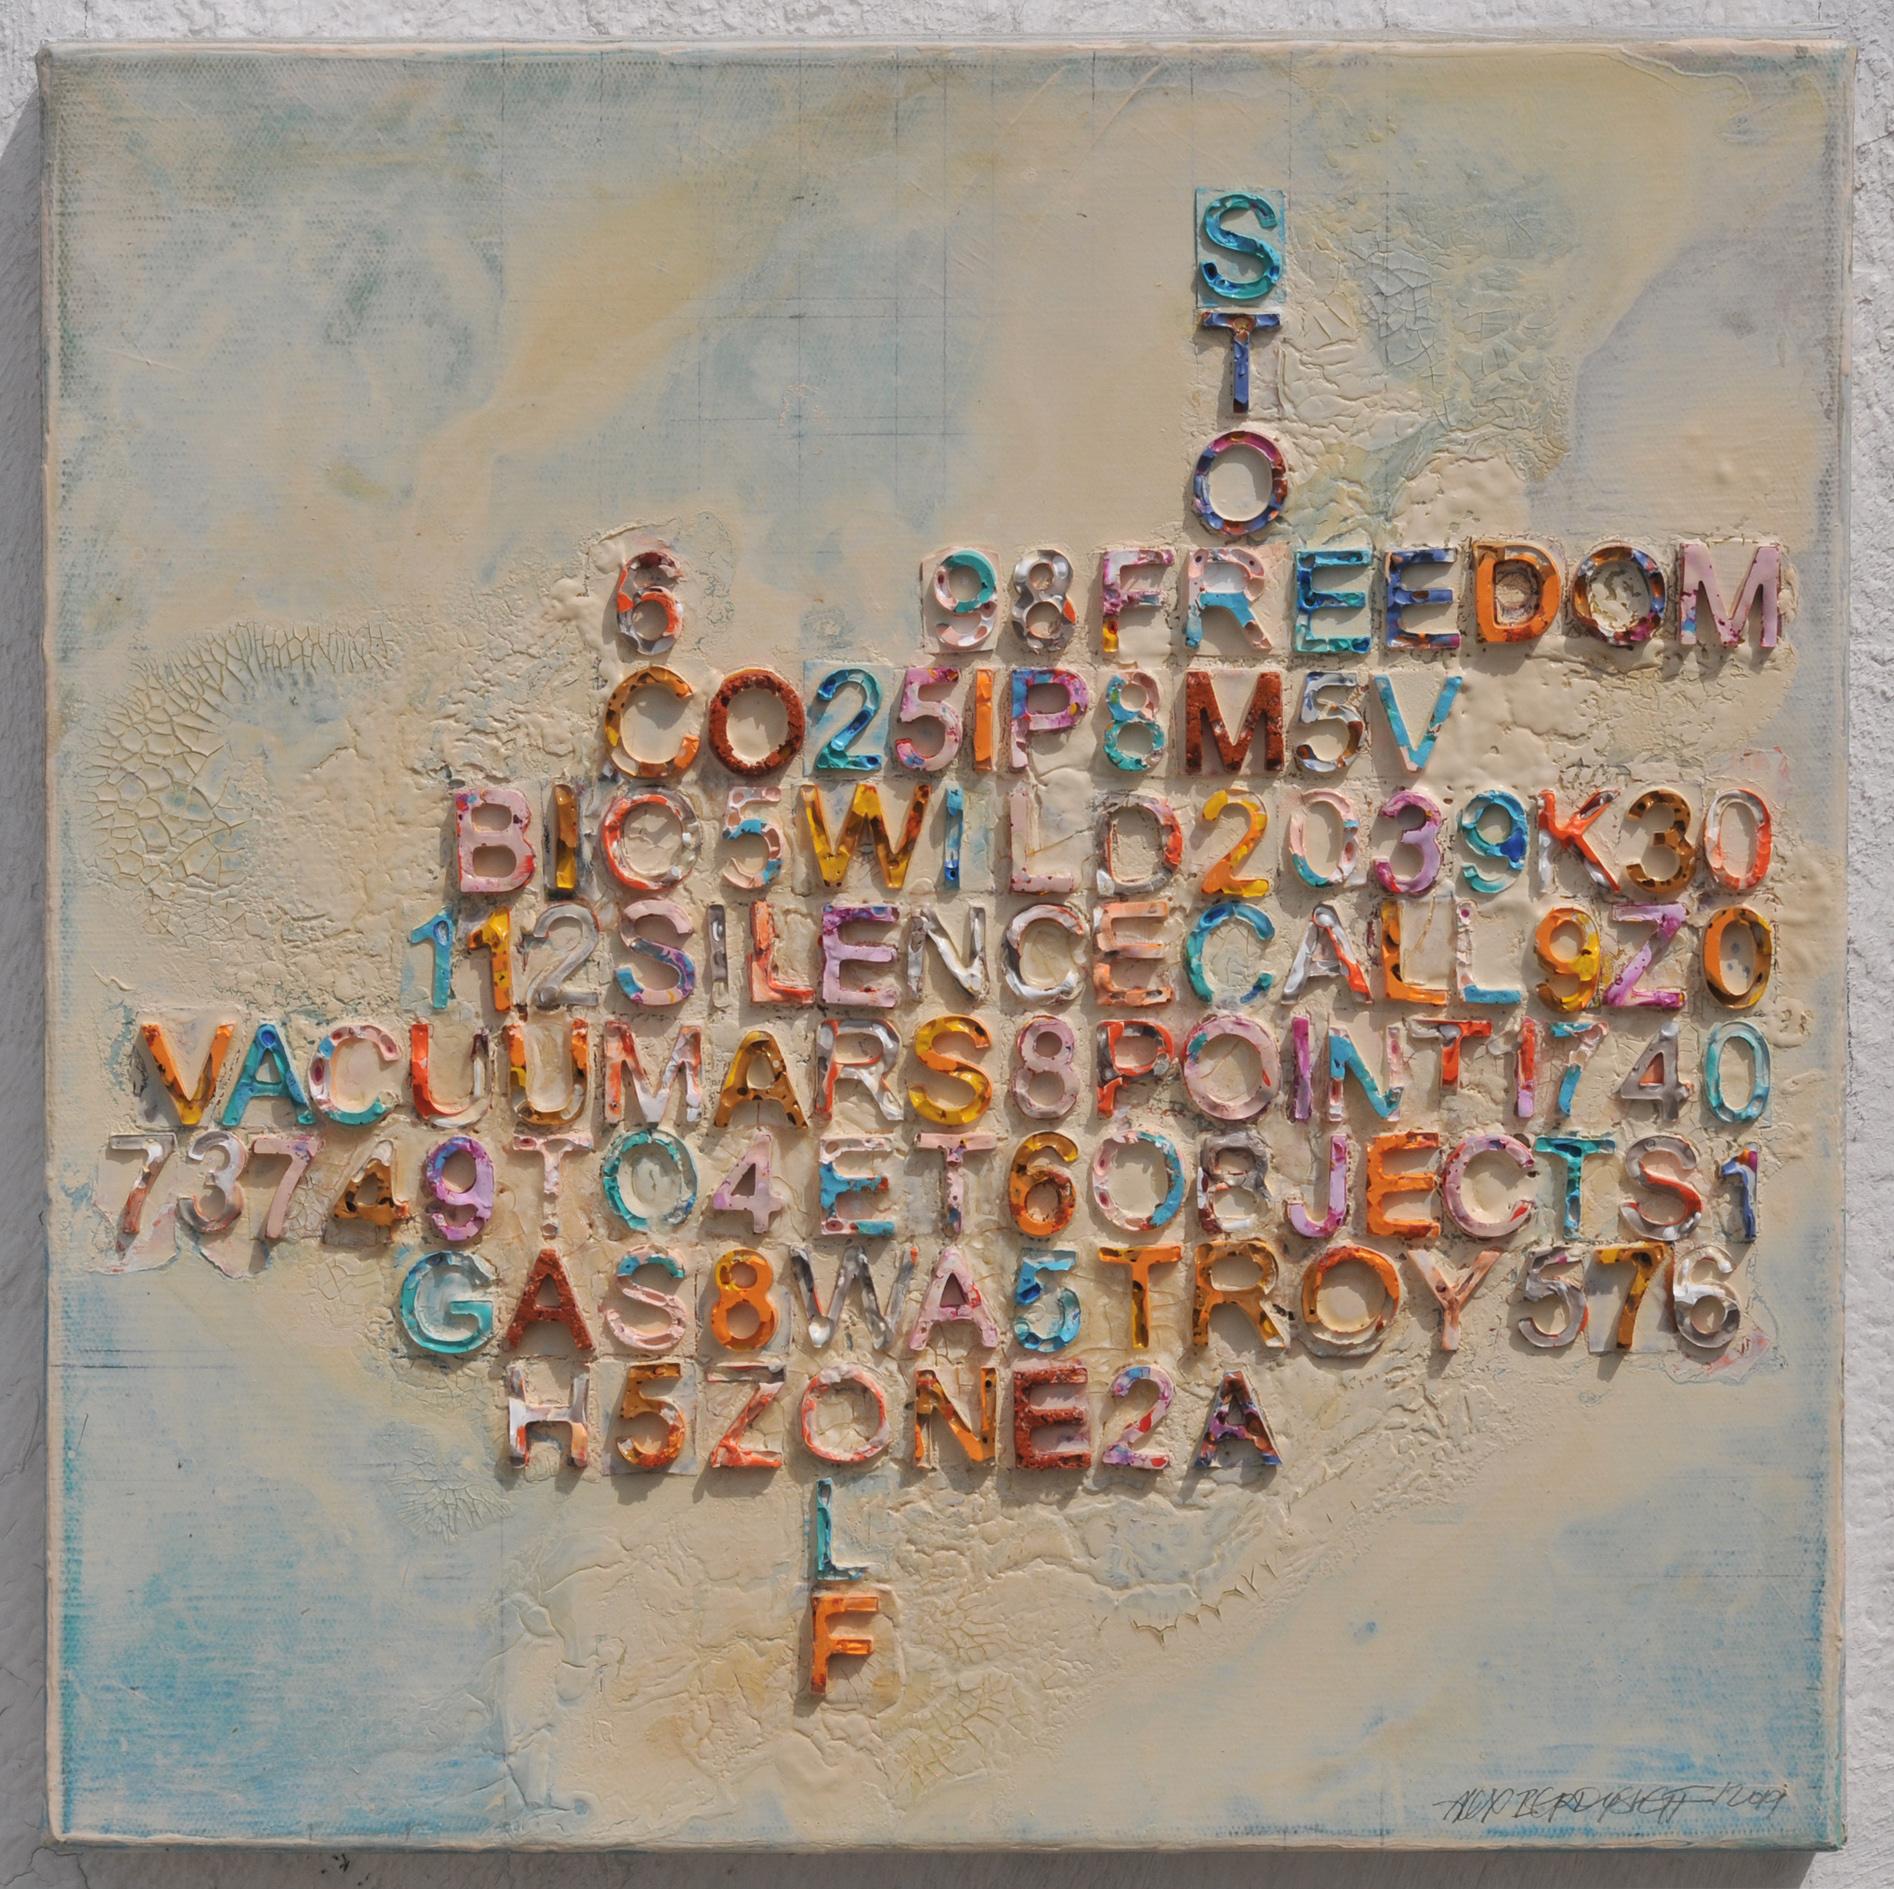 Scrabble, mixed media on canvas, 46x46 cm, 2019